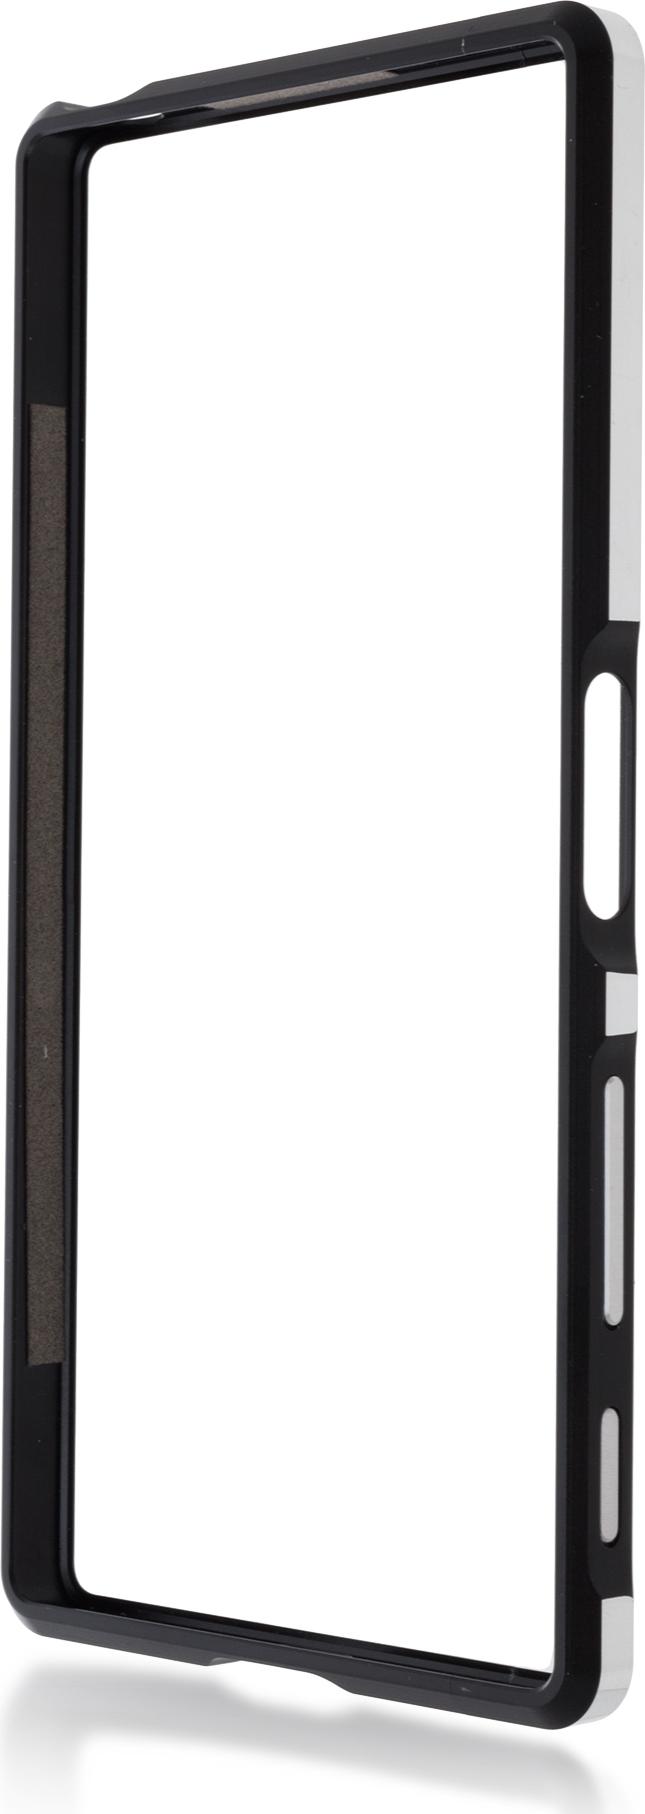 Чехол Brosco BMP для Sony Xperia Z5 Premium, черный стоимость